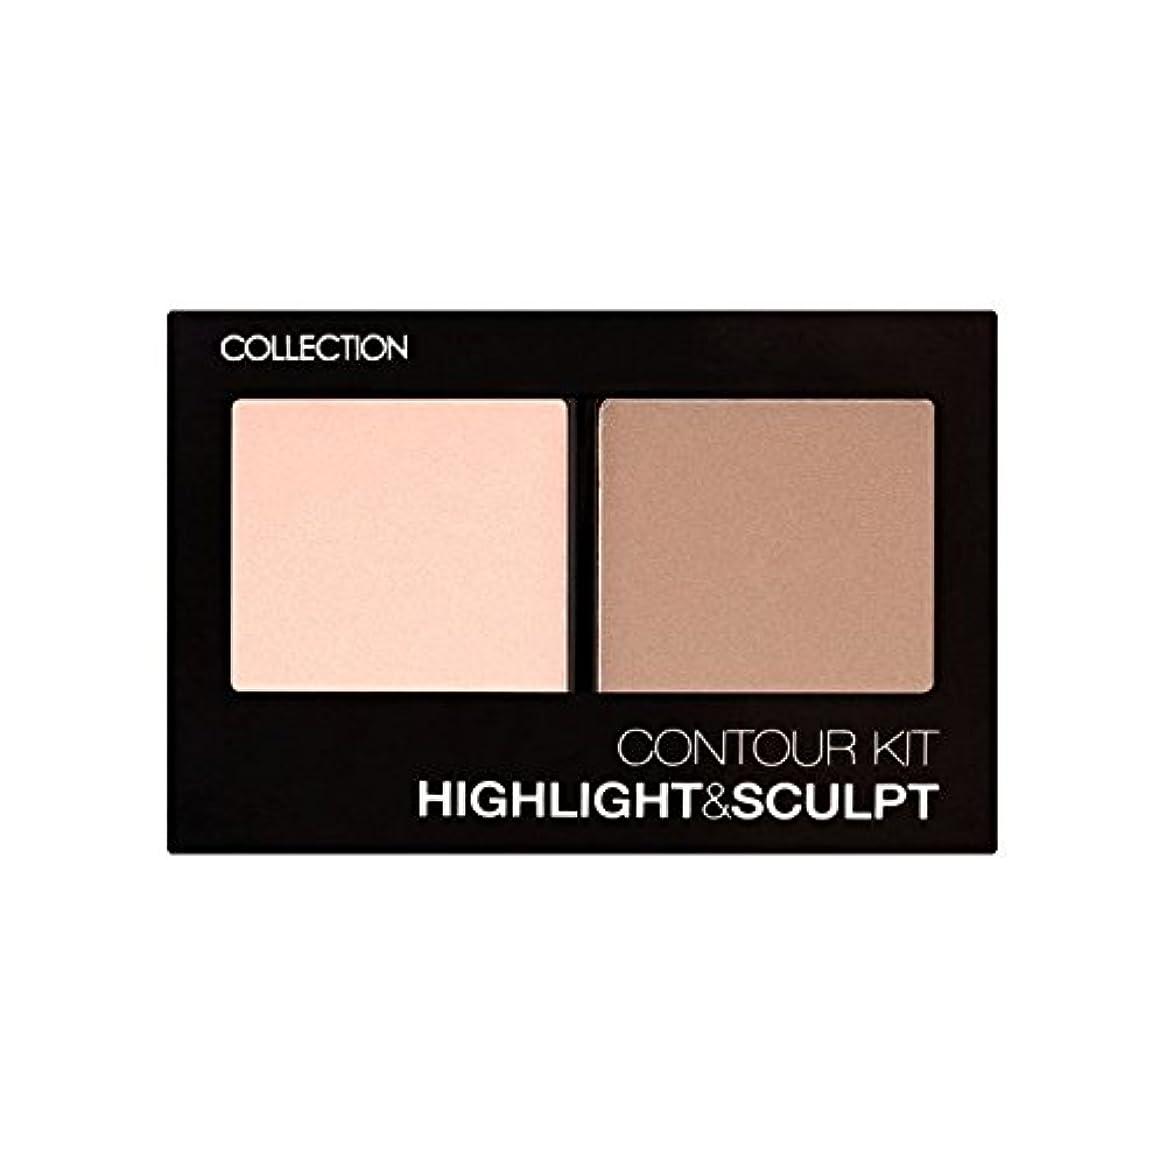 たくさん今晩心理的にCollection Contour Kit Contour Kit 1 - コレクション、輪郭キット輪郭キット1 [並行輸入品]